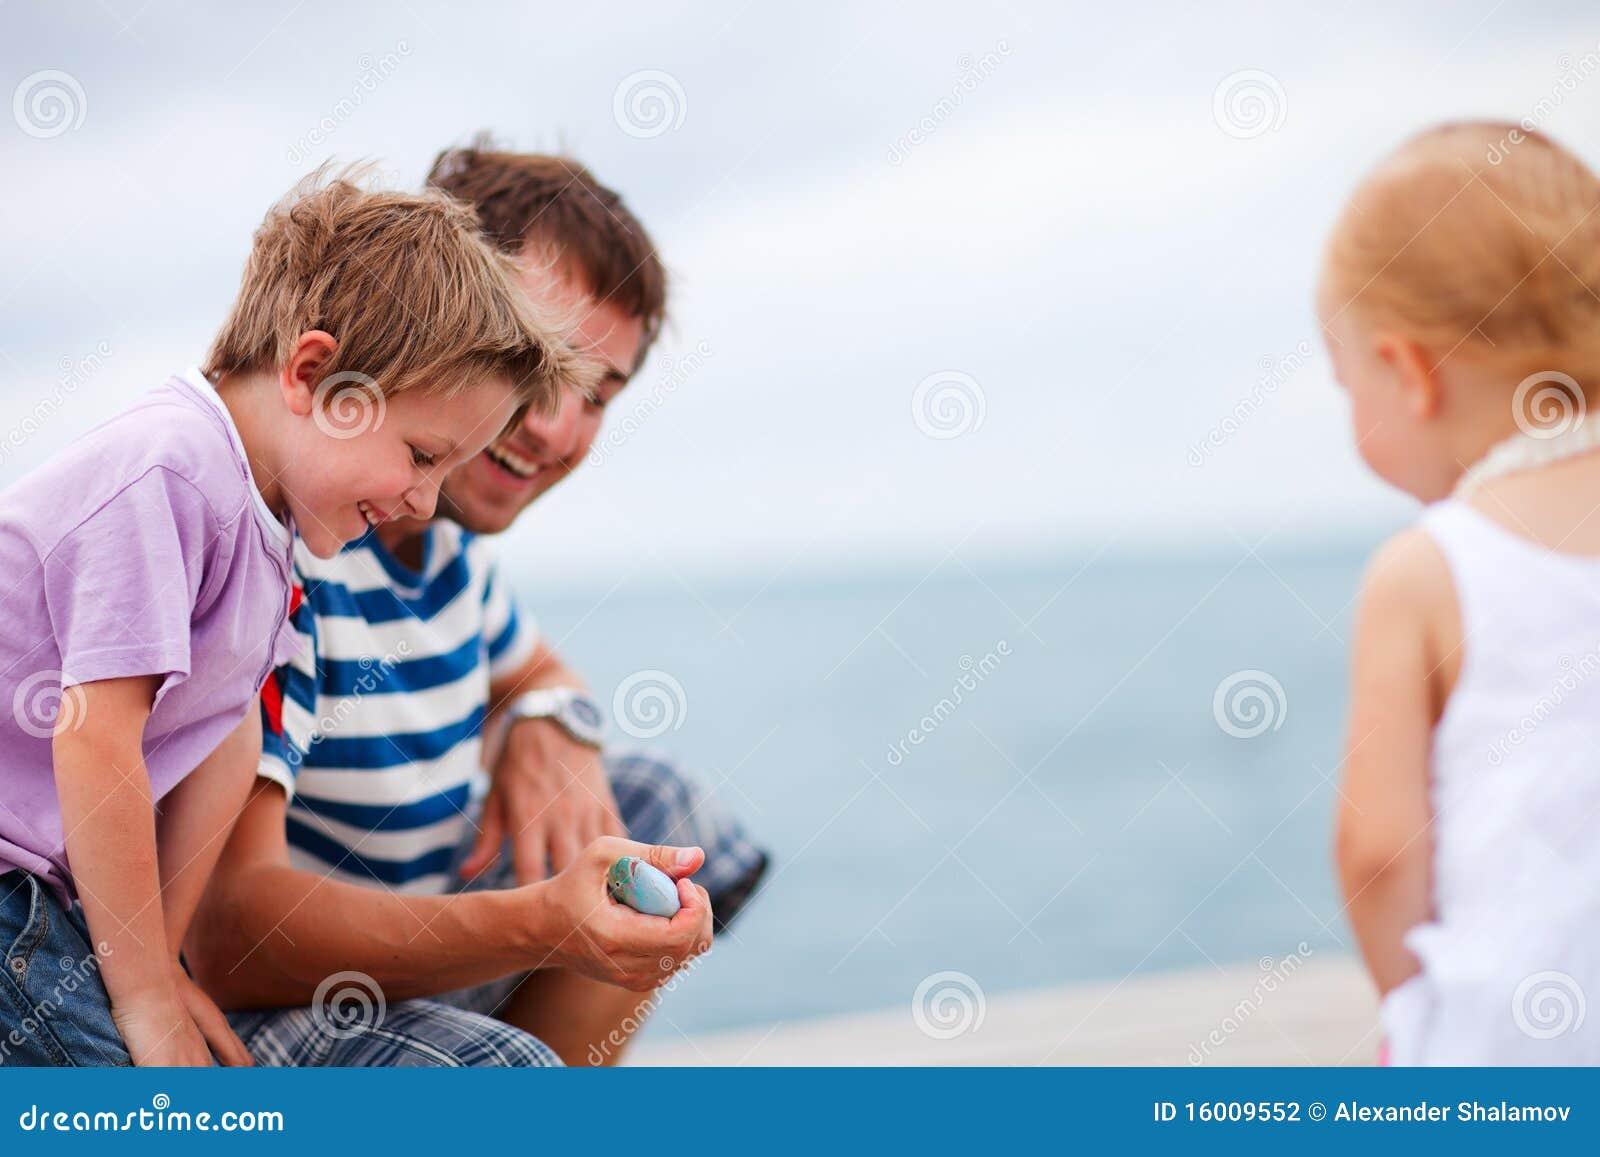 Abgefangene Fische des Vaters Vertretung zu den Kindern